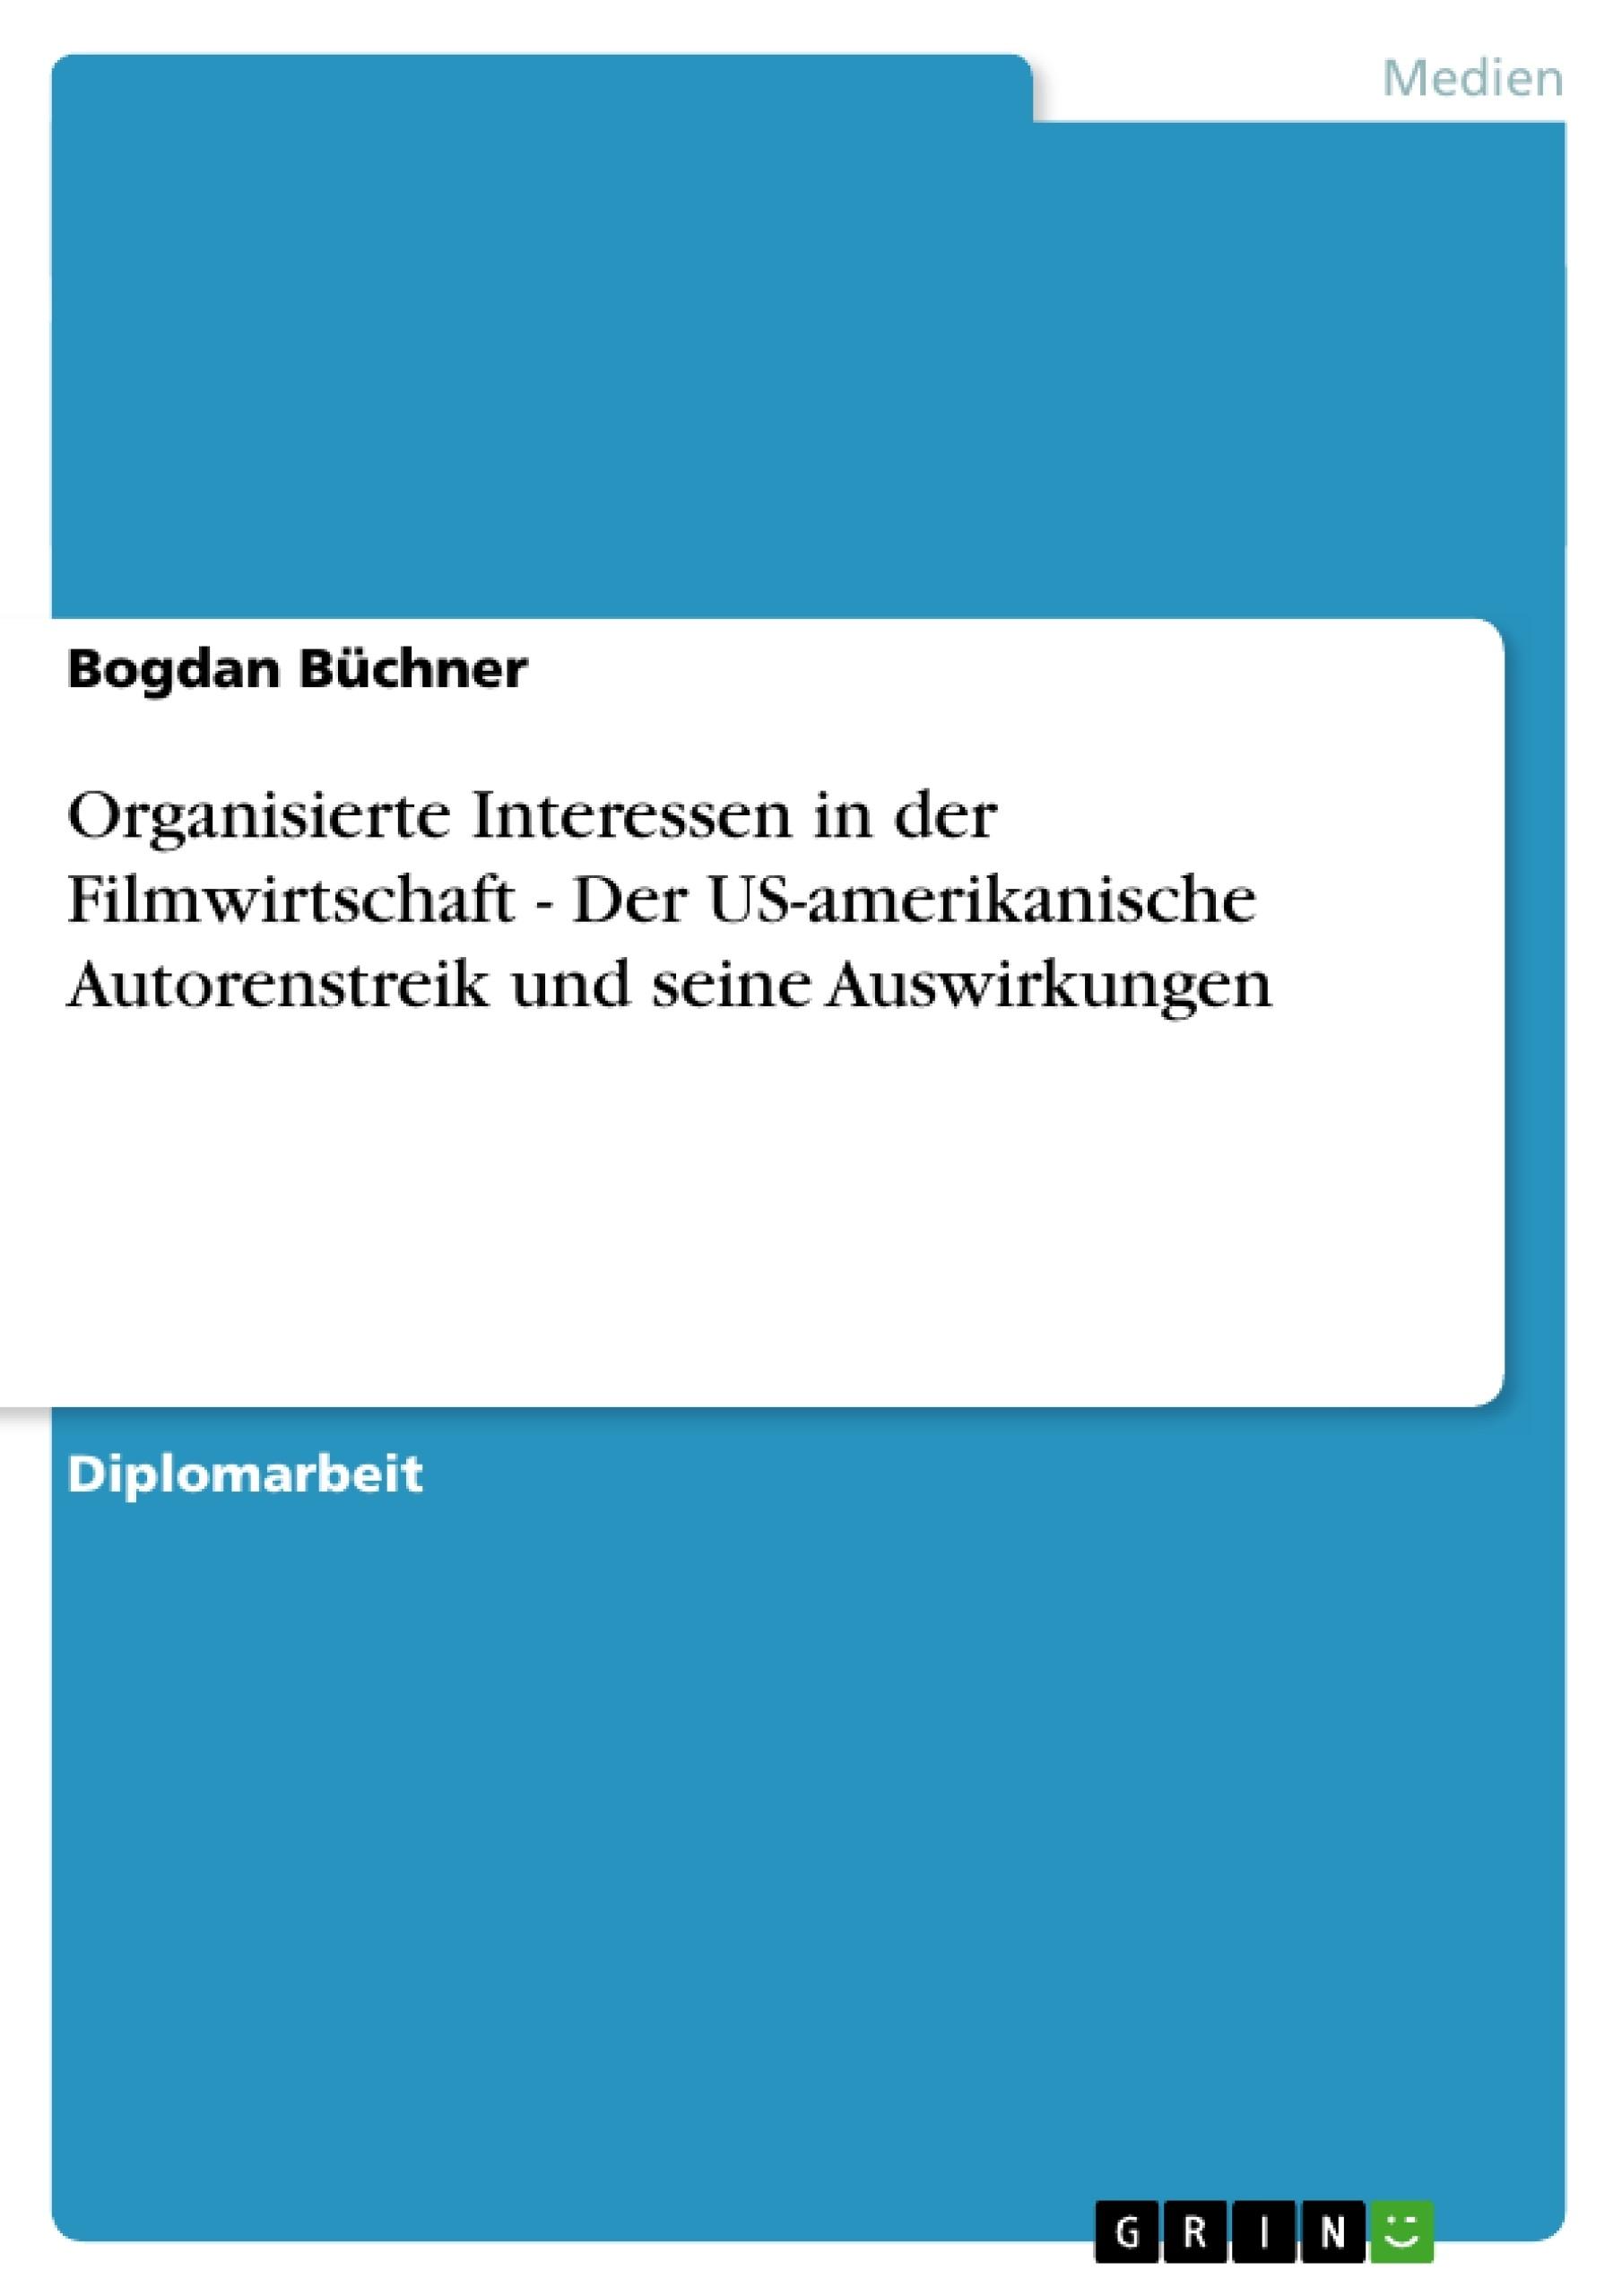 Titel: Organisierte Interessen in der Filmwirtschaft - Der US-amerikanische Autorenstreik und seine Auswirkungen